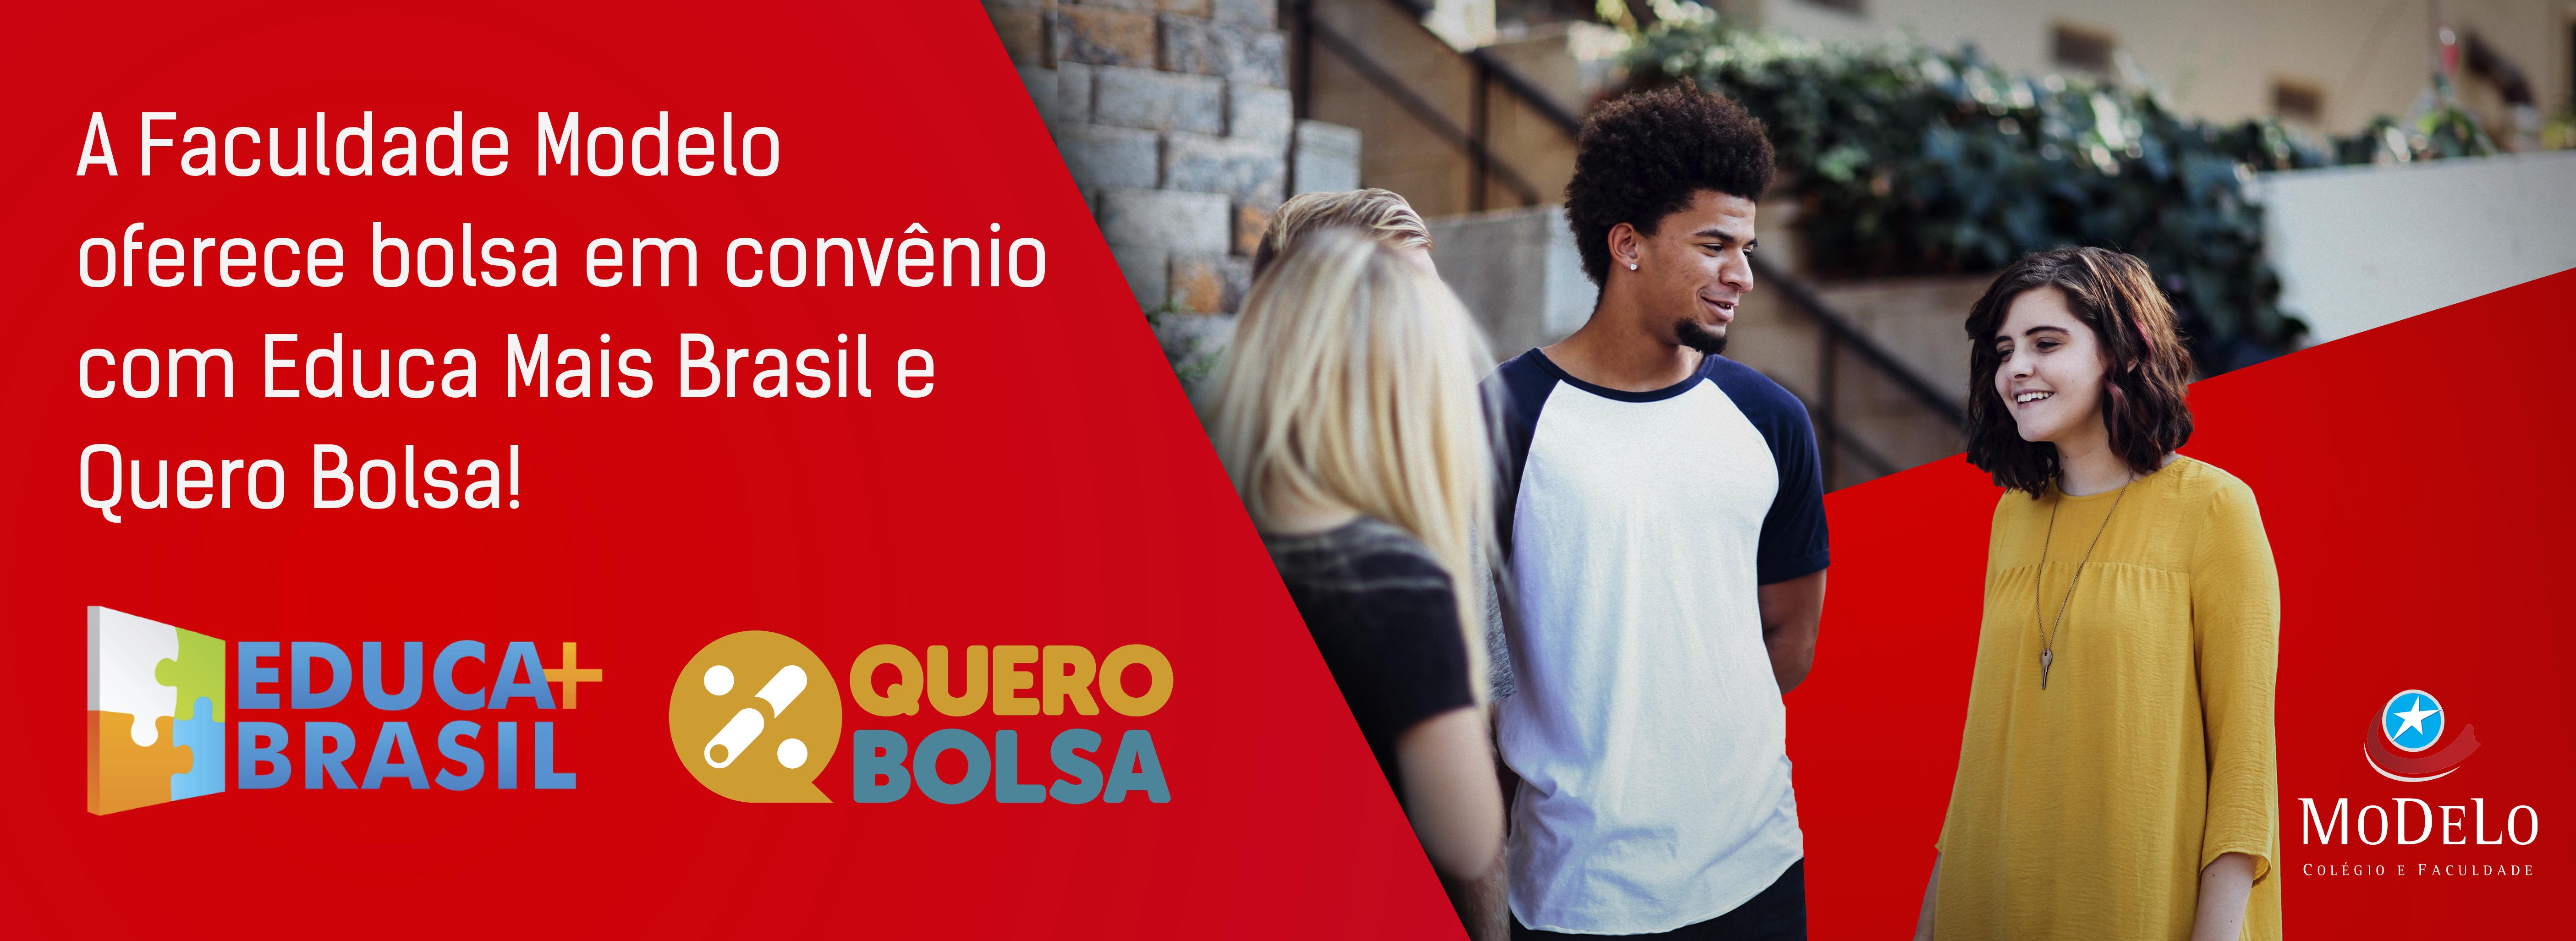 BANNER-SITE-4-EDUCA-MAIS-E-QRO-BOLSA